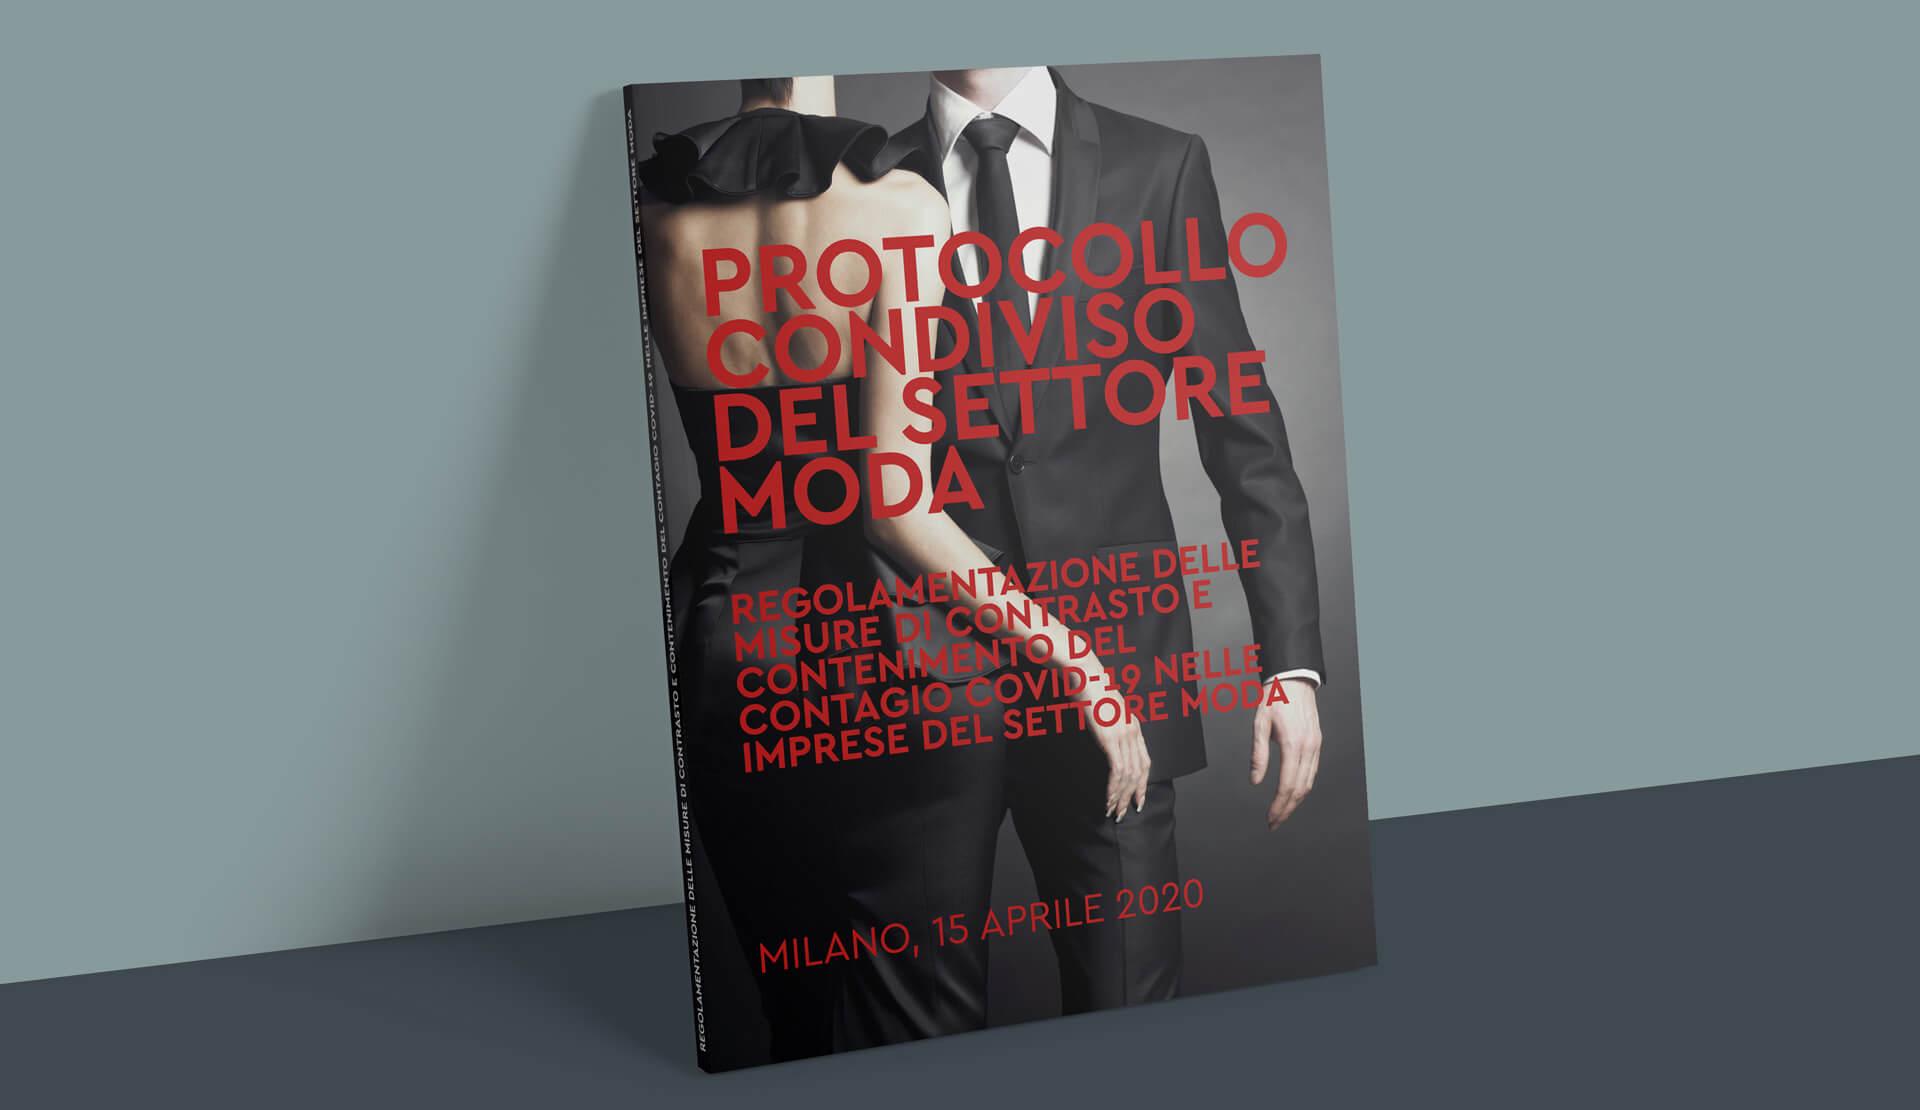 CTM newsletter PROTOCOLLO-CONDIVISO DEL SETTORE MODA